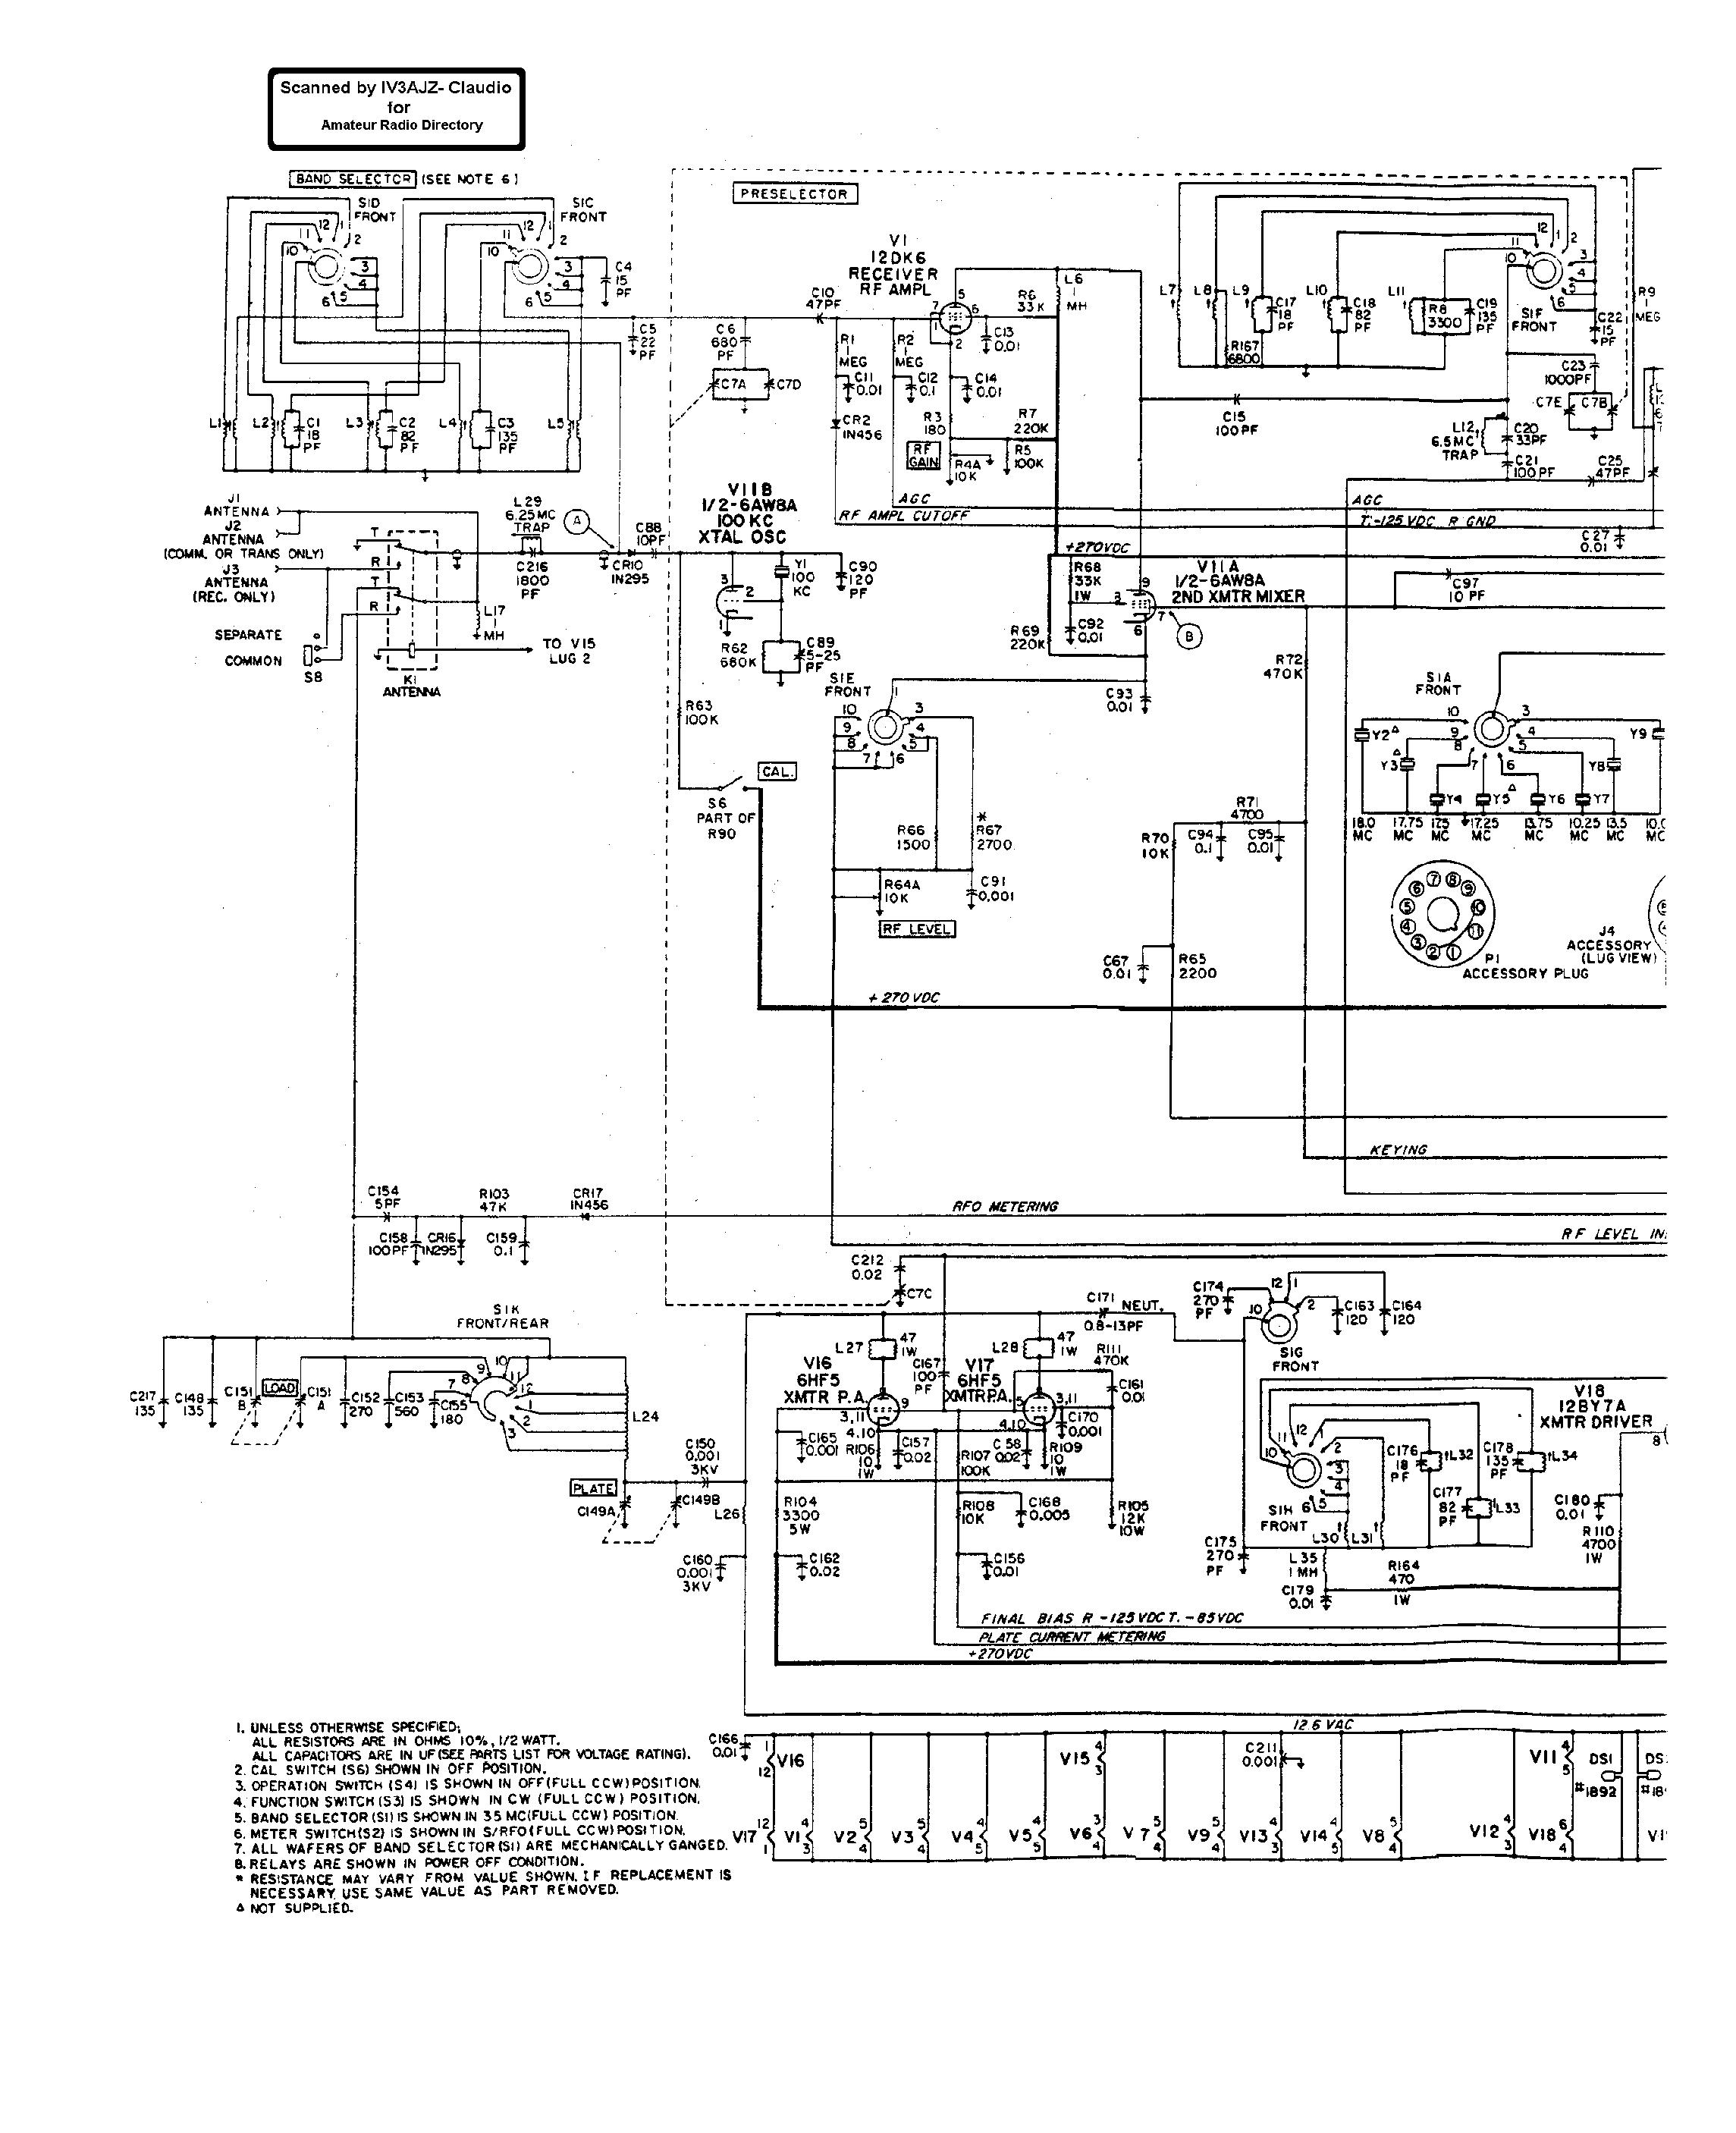 Yamaha Xs 400 Wiring Diagrams Xs400 Diagram Imageresizertool Com Cafe Racer